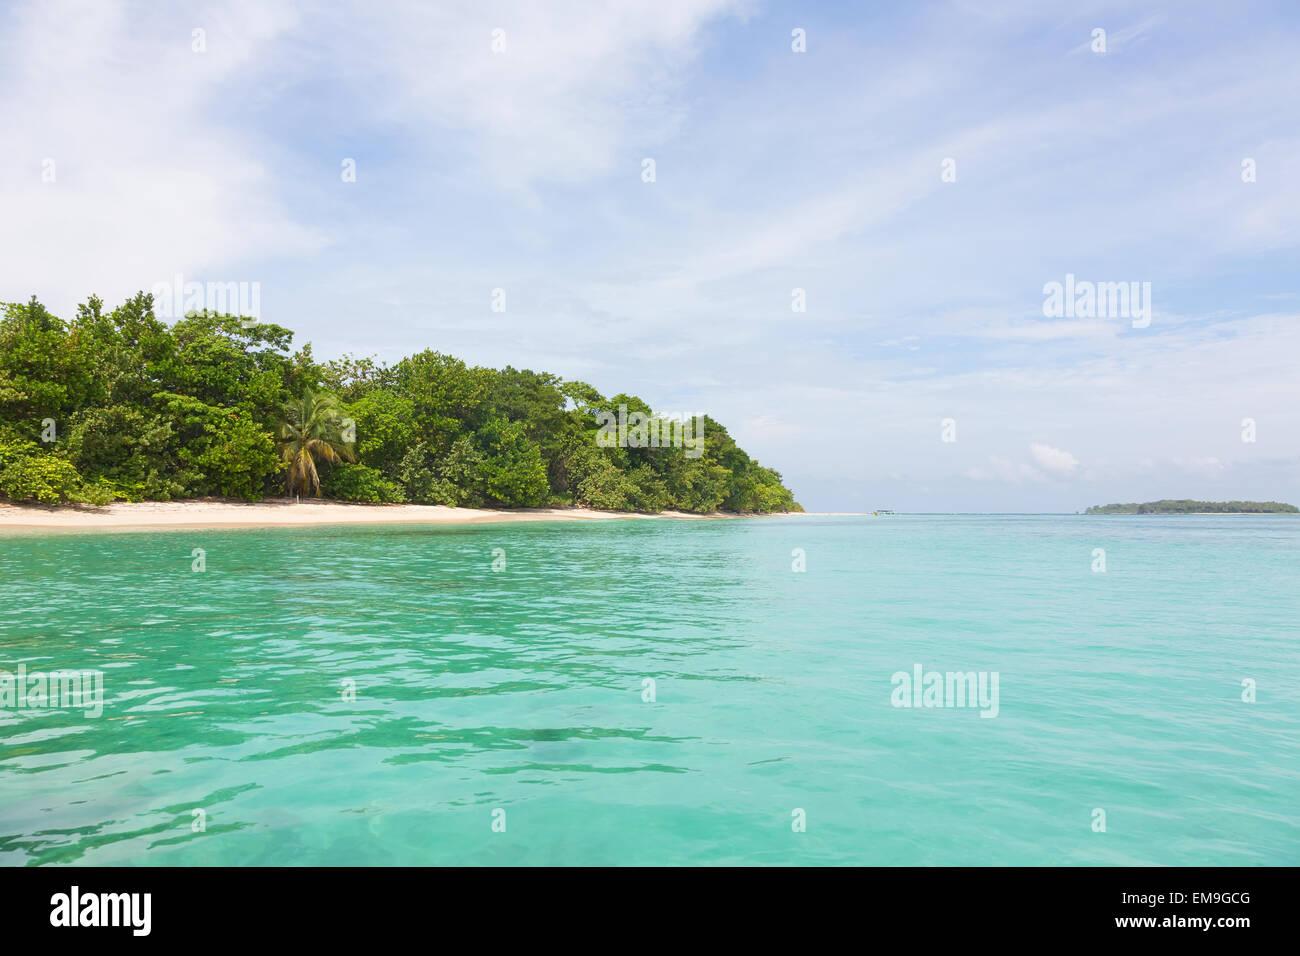 Vista isole Zapatilla dal mare, Panama Immagini Stock